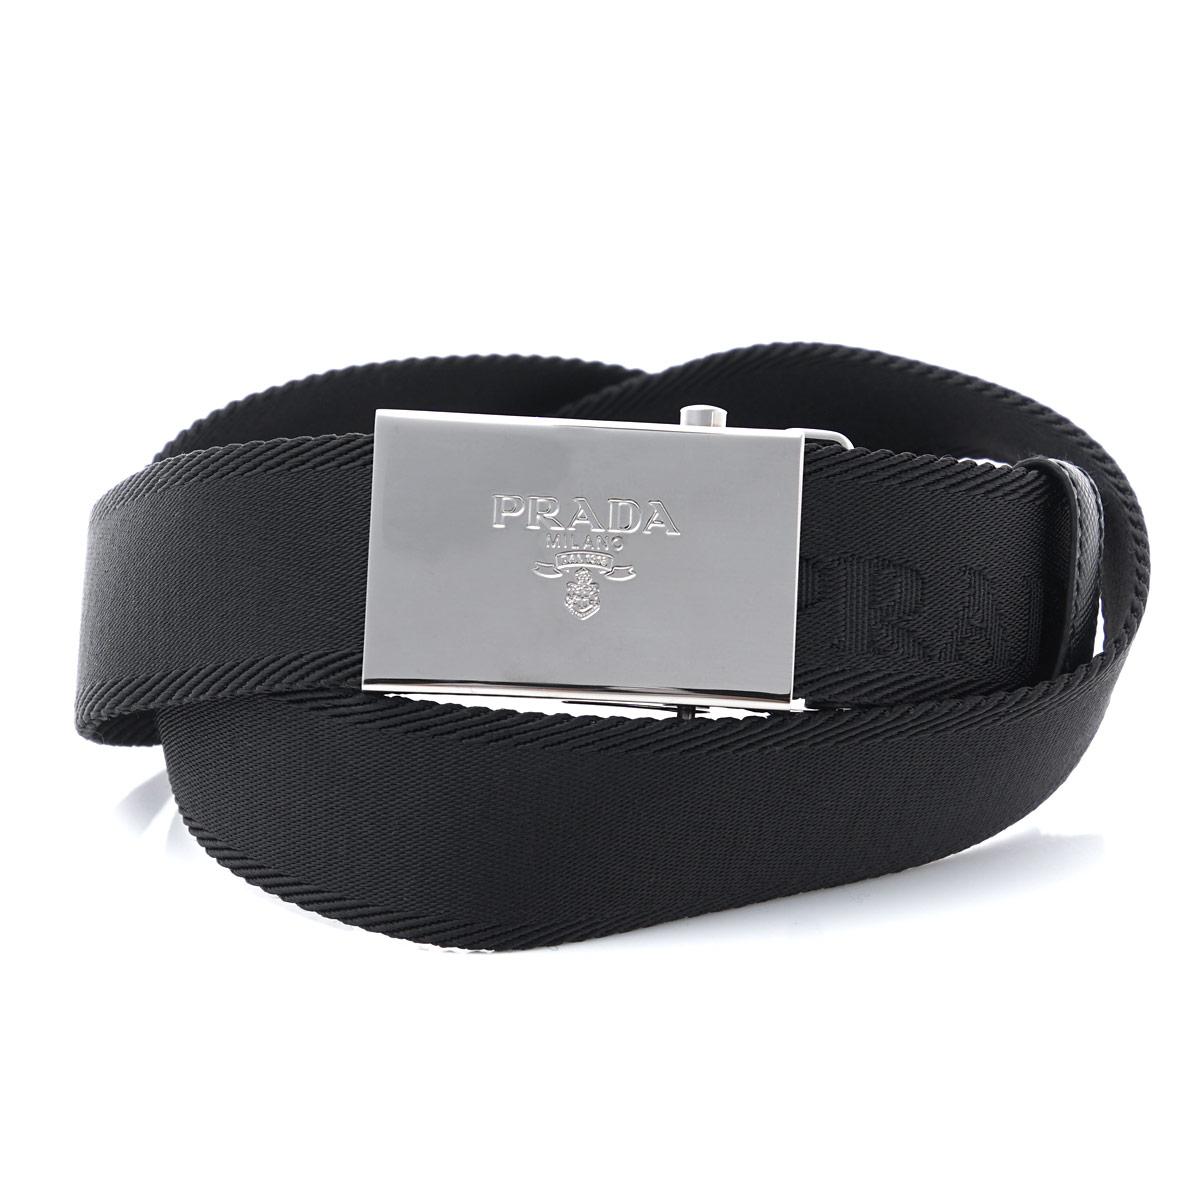 5f2f671535419 best price prada leather belt black 29a56 d8c2f  authentic prada bag red prada  belt buckle a185d 946d7